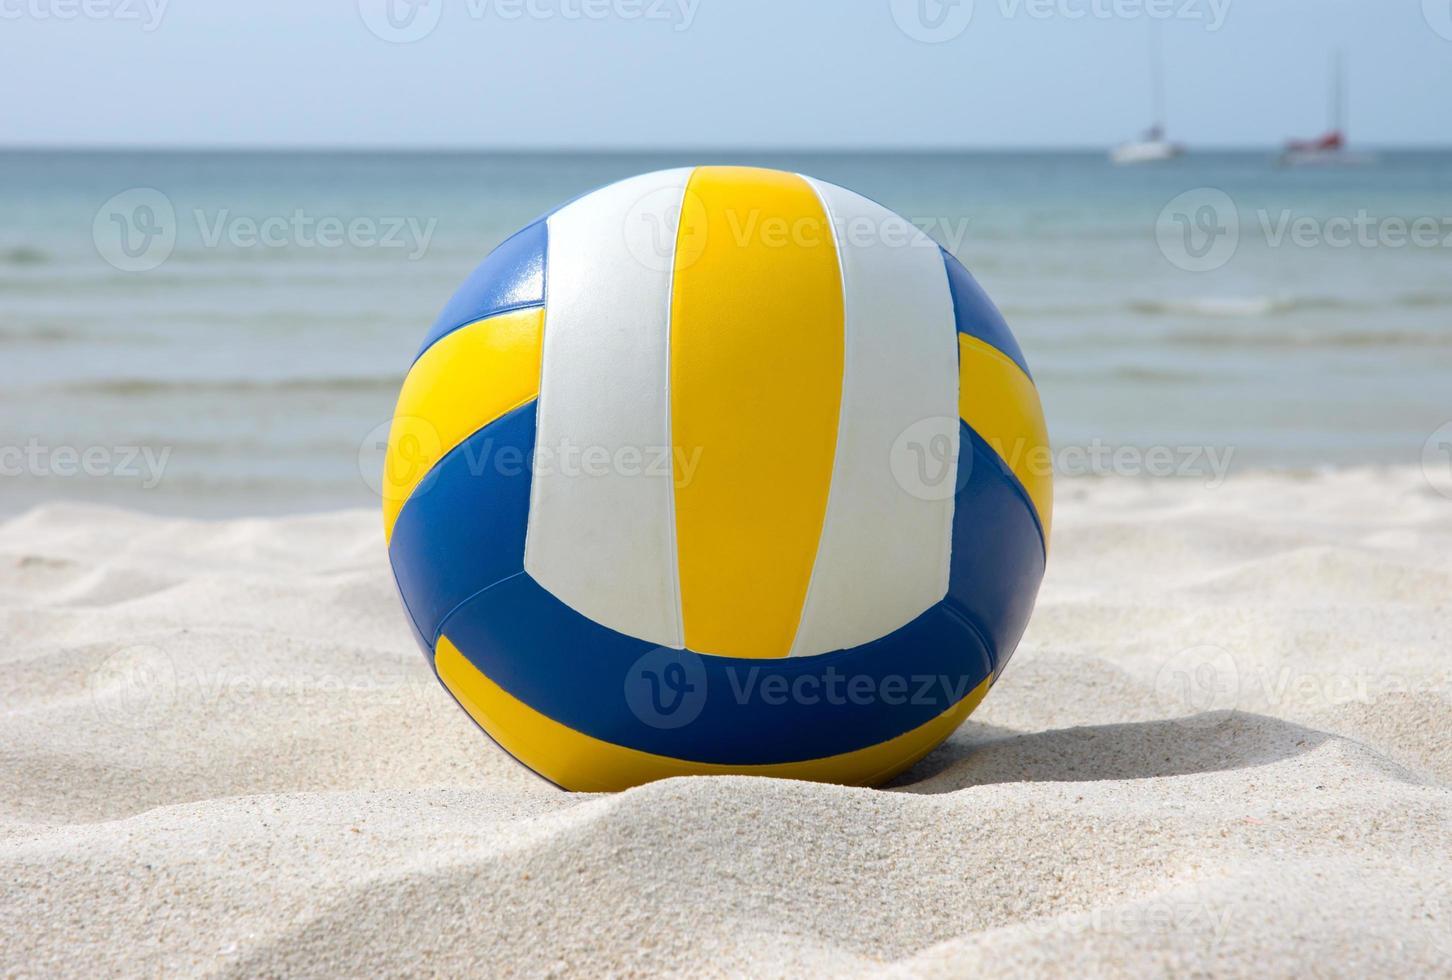 vôlei na praia foto